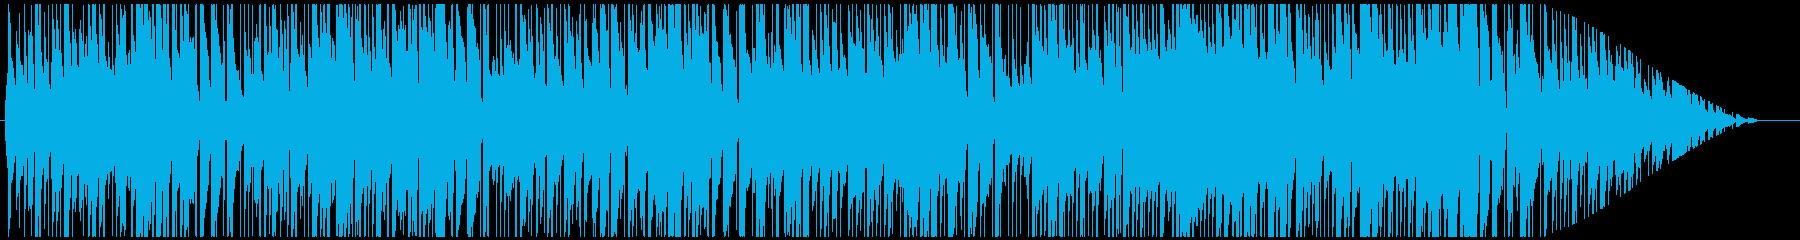 優しいピアノのカフェミュージックの再生済みの波形